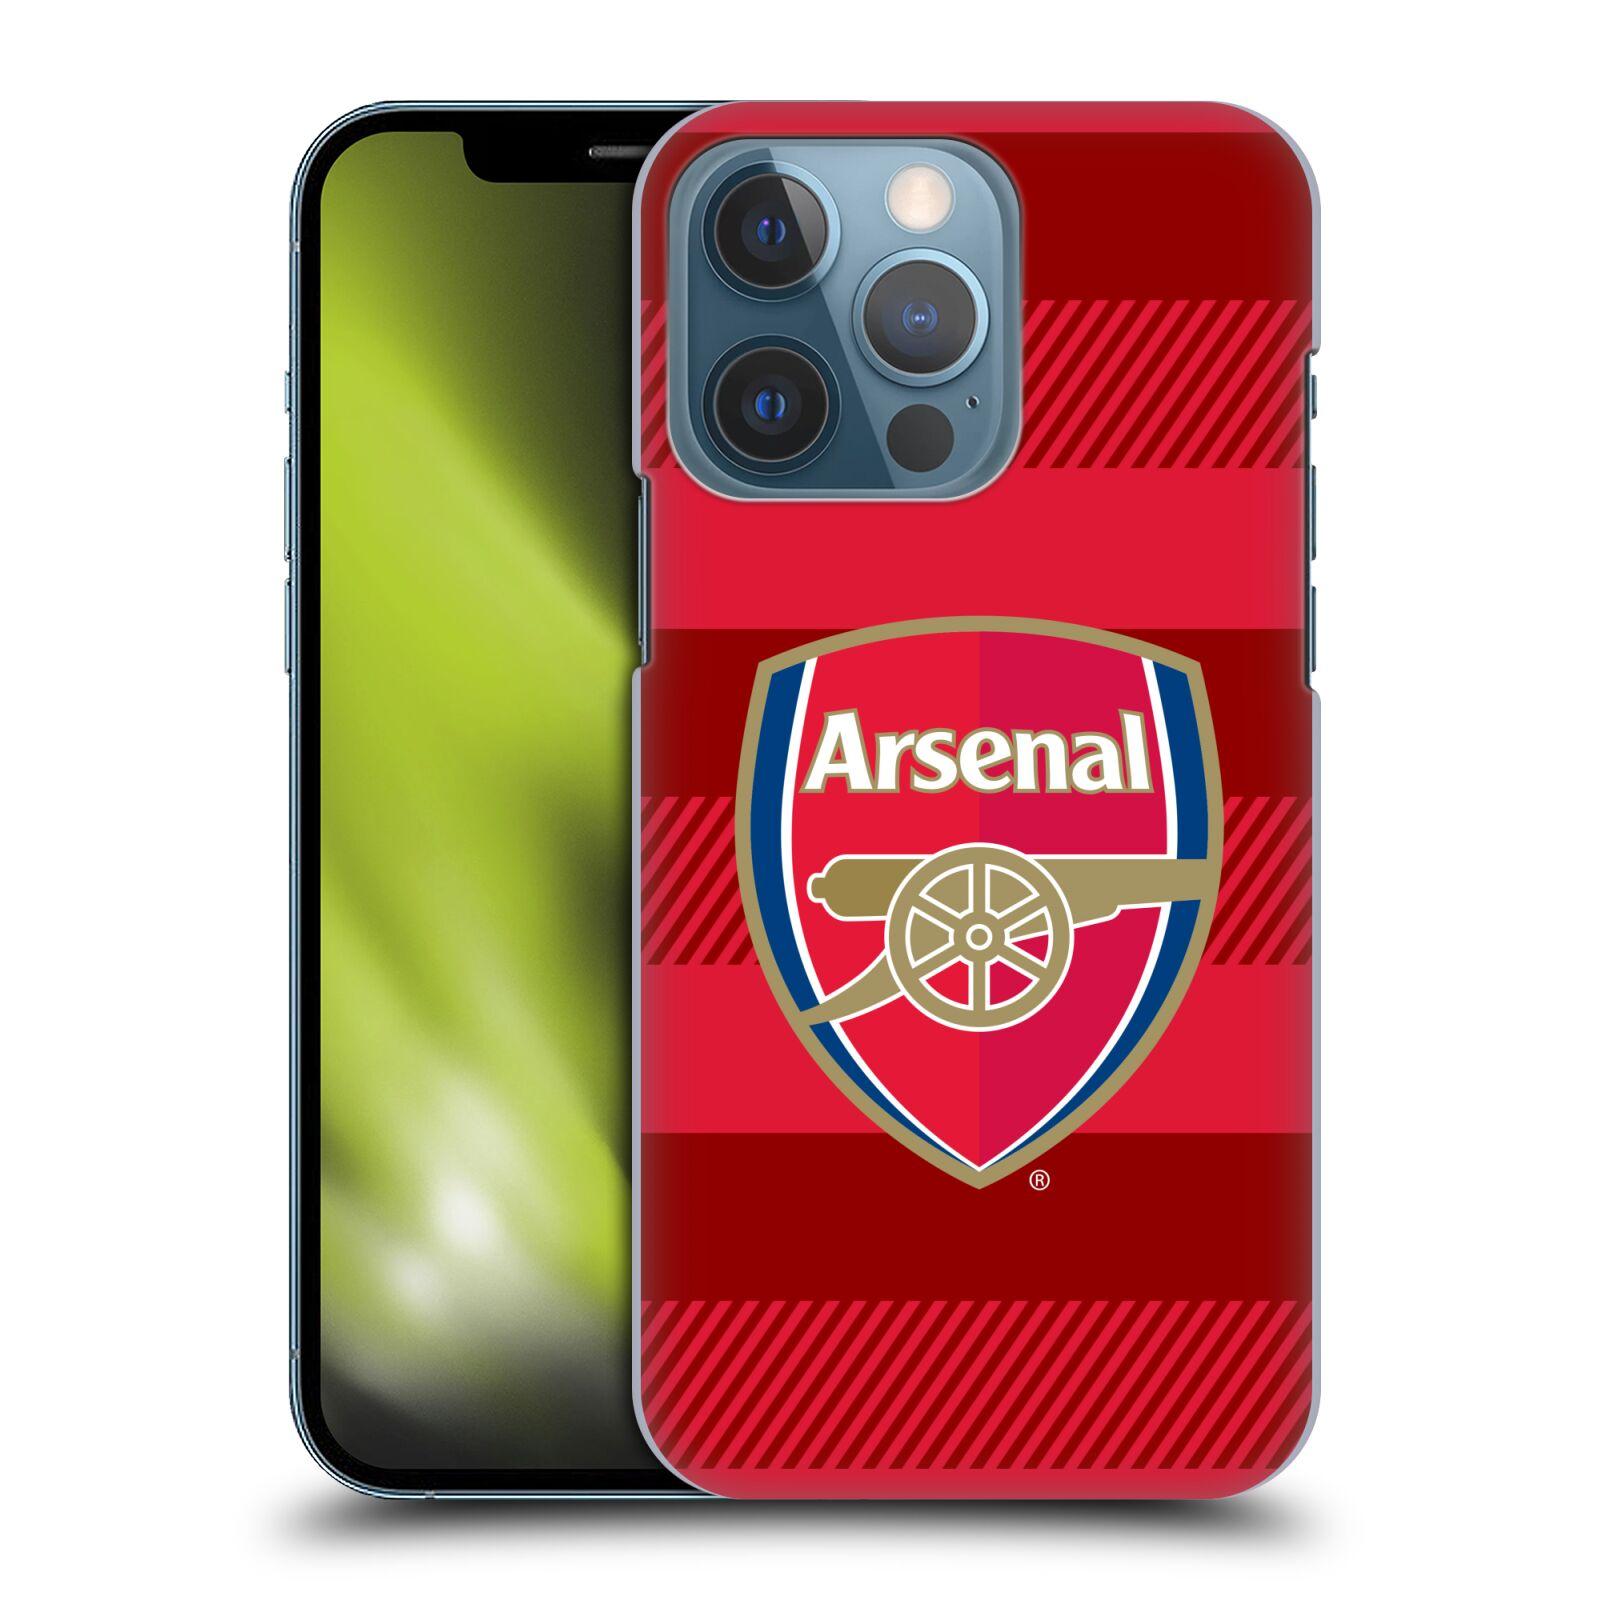 Plastové pouzdro na mobil Apple iPhone 13 Pro - Head Case - Arsenal FC - Logo s pruhy